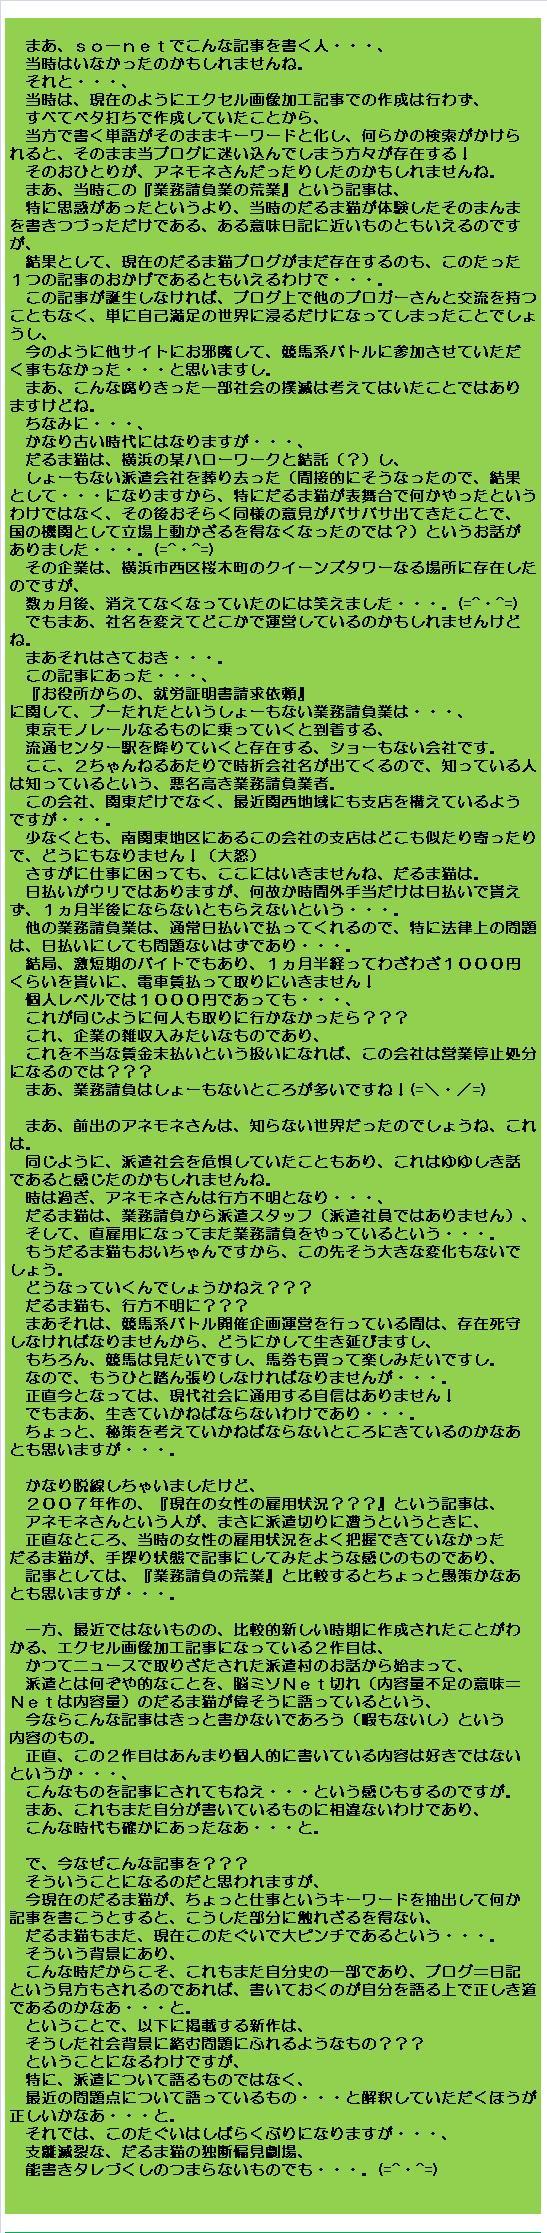 20141016・ブログ記事④.jpg